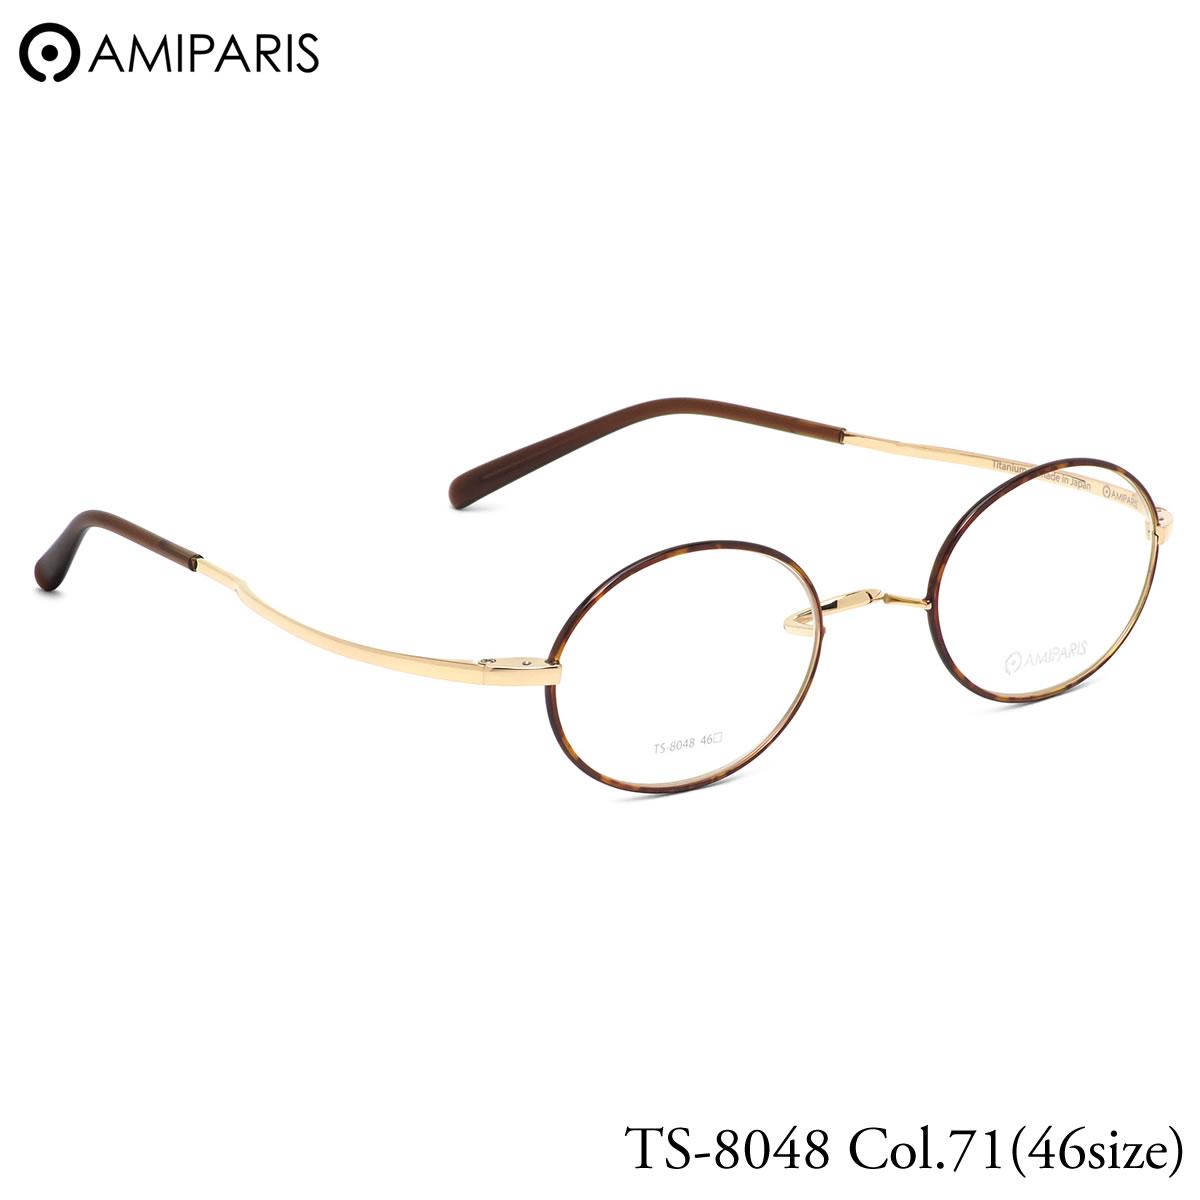 アミパリ AMIPARIS メガネ TS-8048 71 46サイズ オーバル チタン 一山ブリッジ 鼻パッドなし 日本製 MADE IN JAPAN チタン Titanium アミパリ AMIPARIS 伊達メガネレンズ無料 メンズ レディース